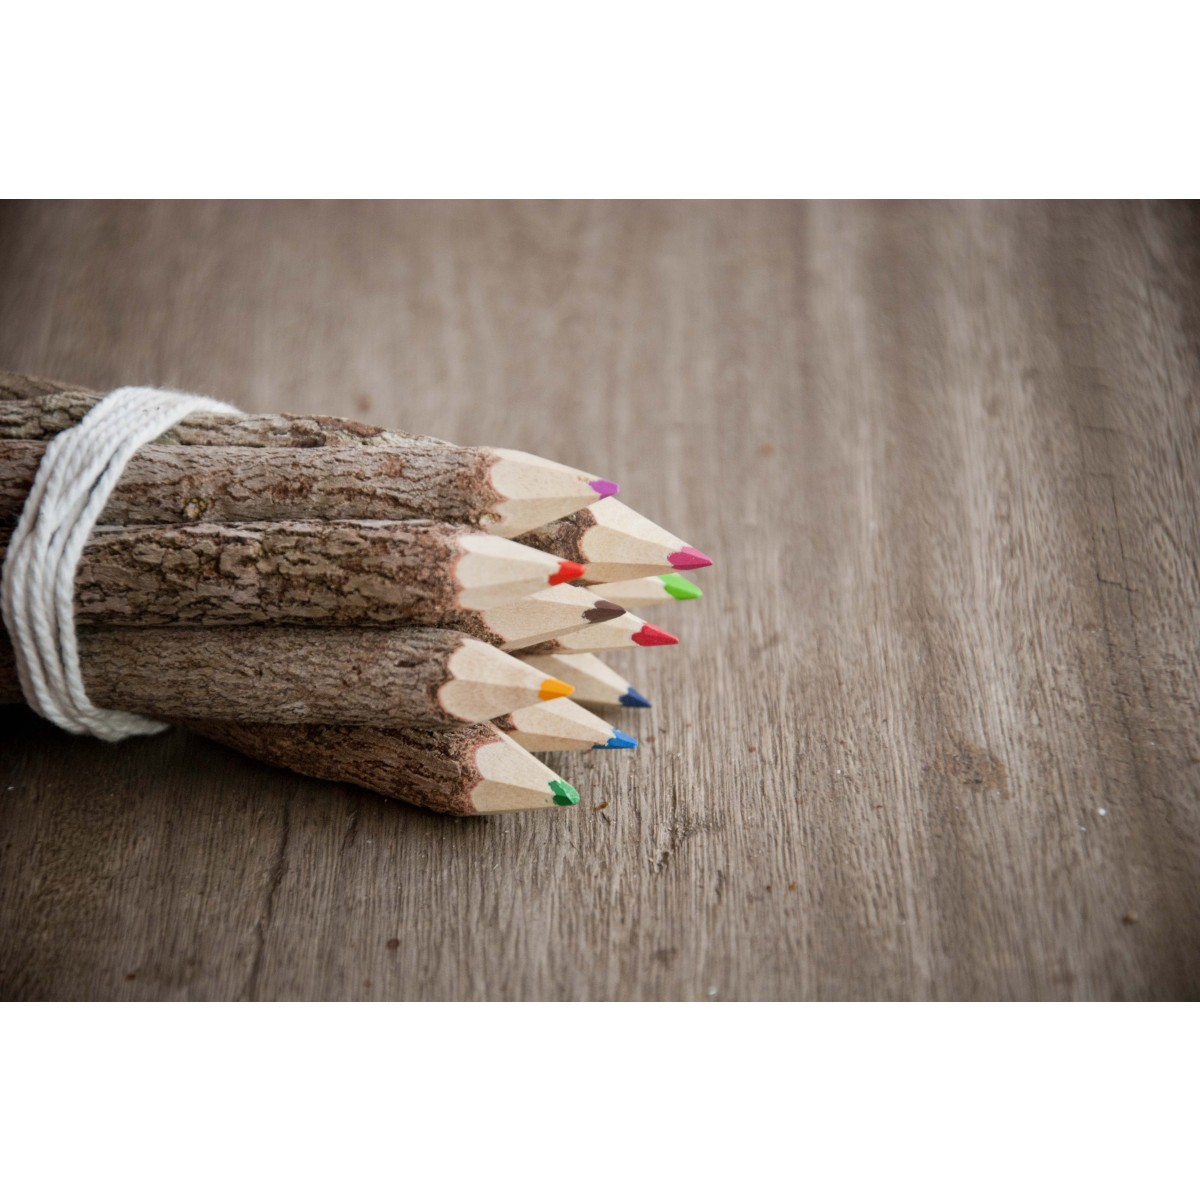 Buntstifte-Set aus Ästen, handgearbeitet